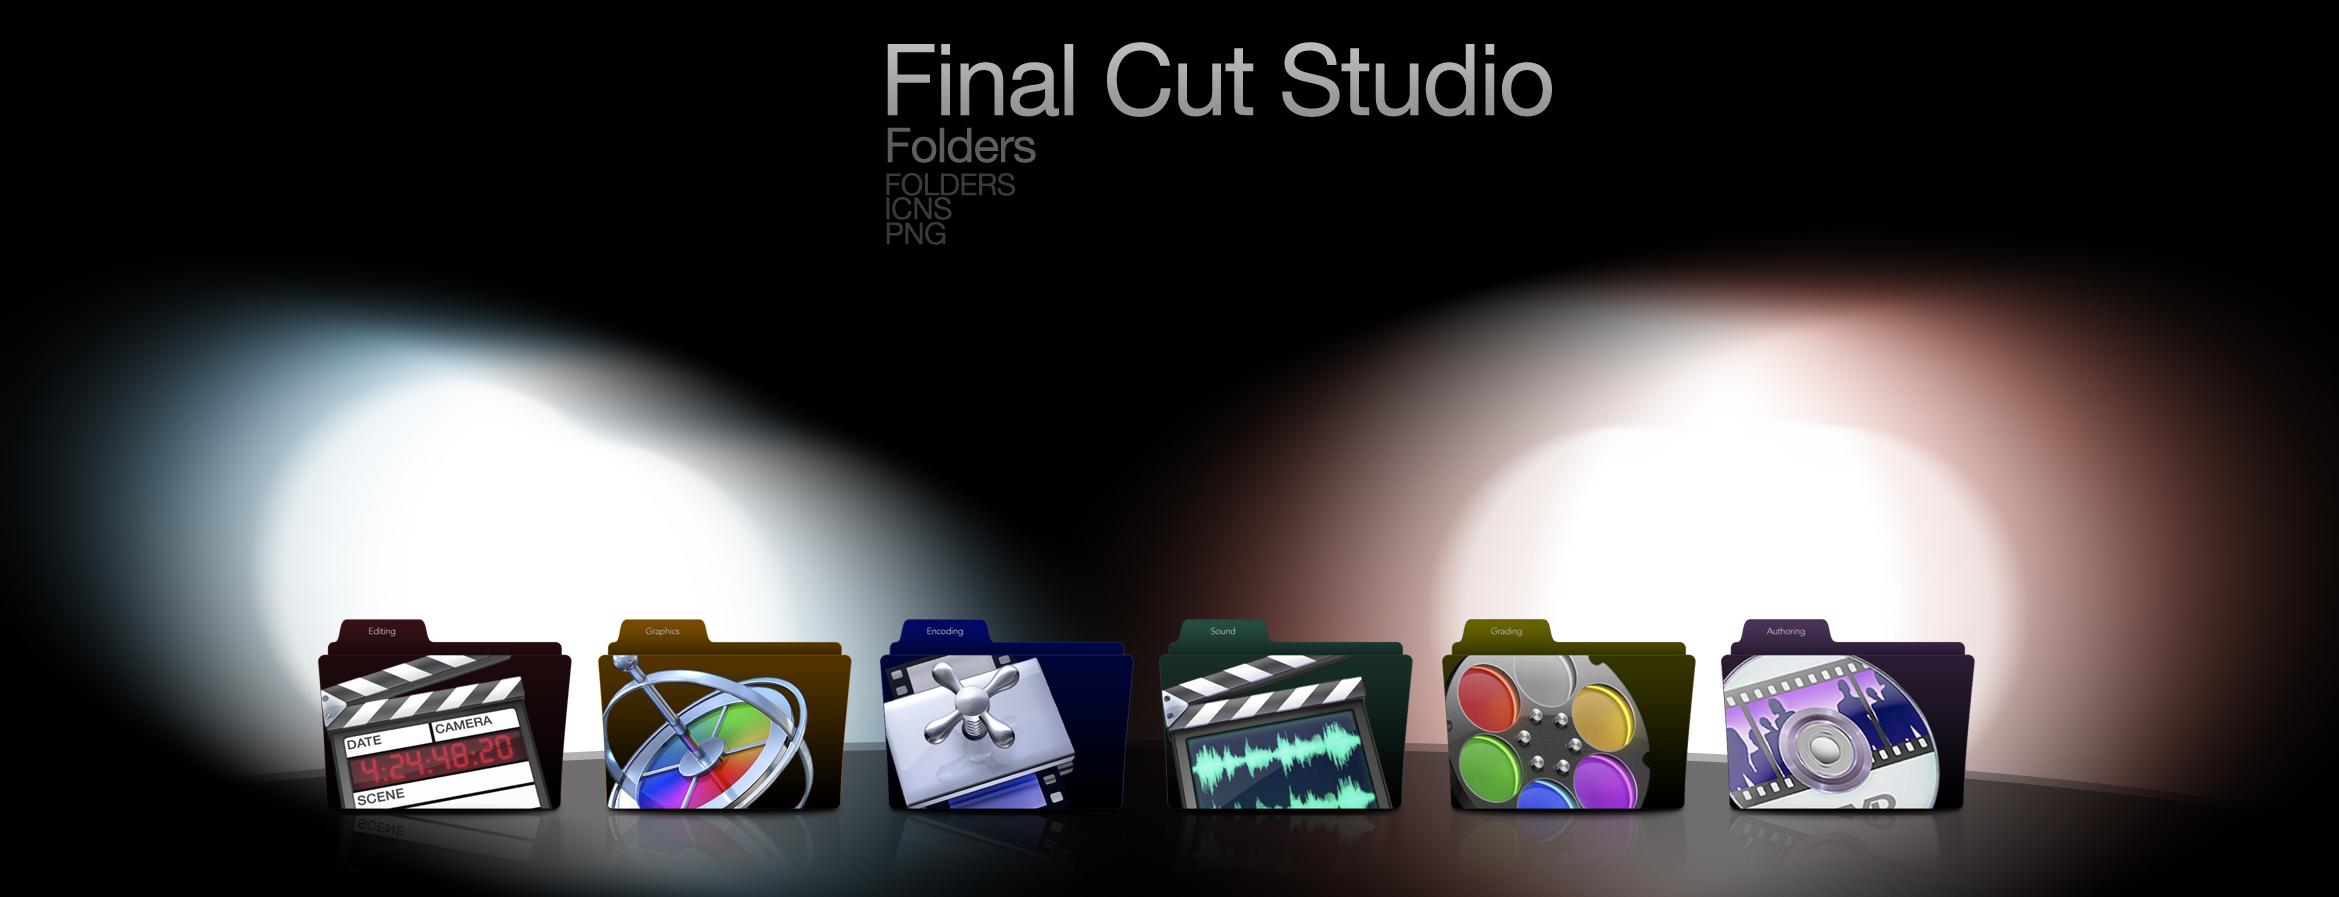 Final Cut Studio Folders Set by wurstgott on DeviantArt